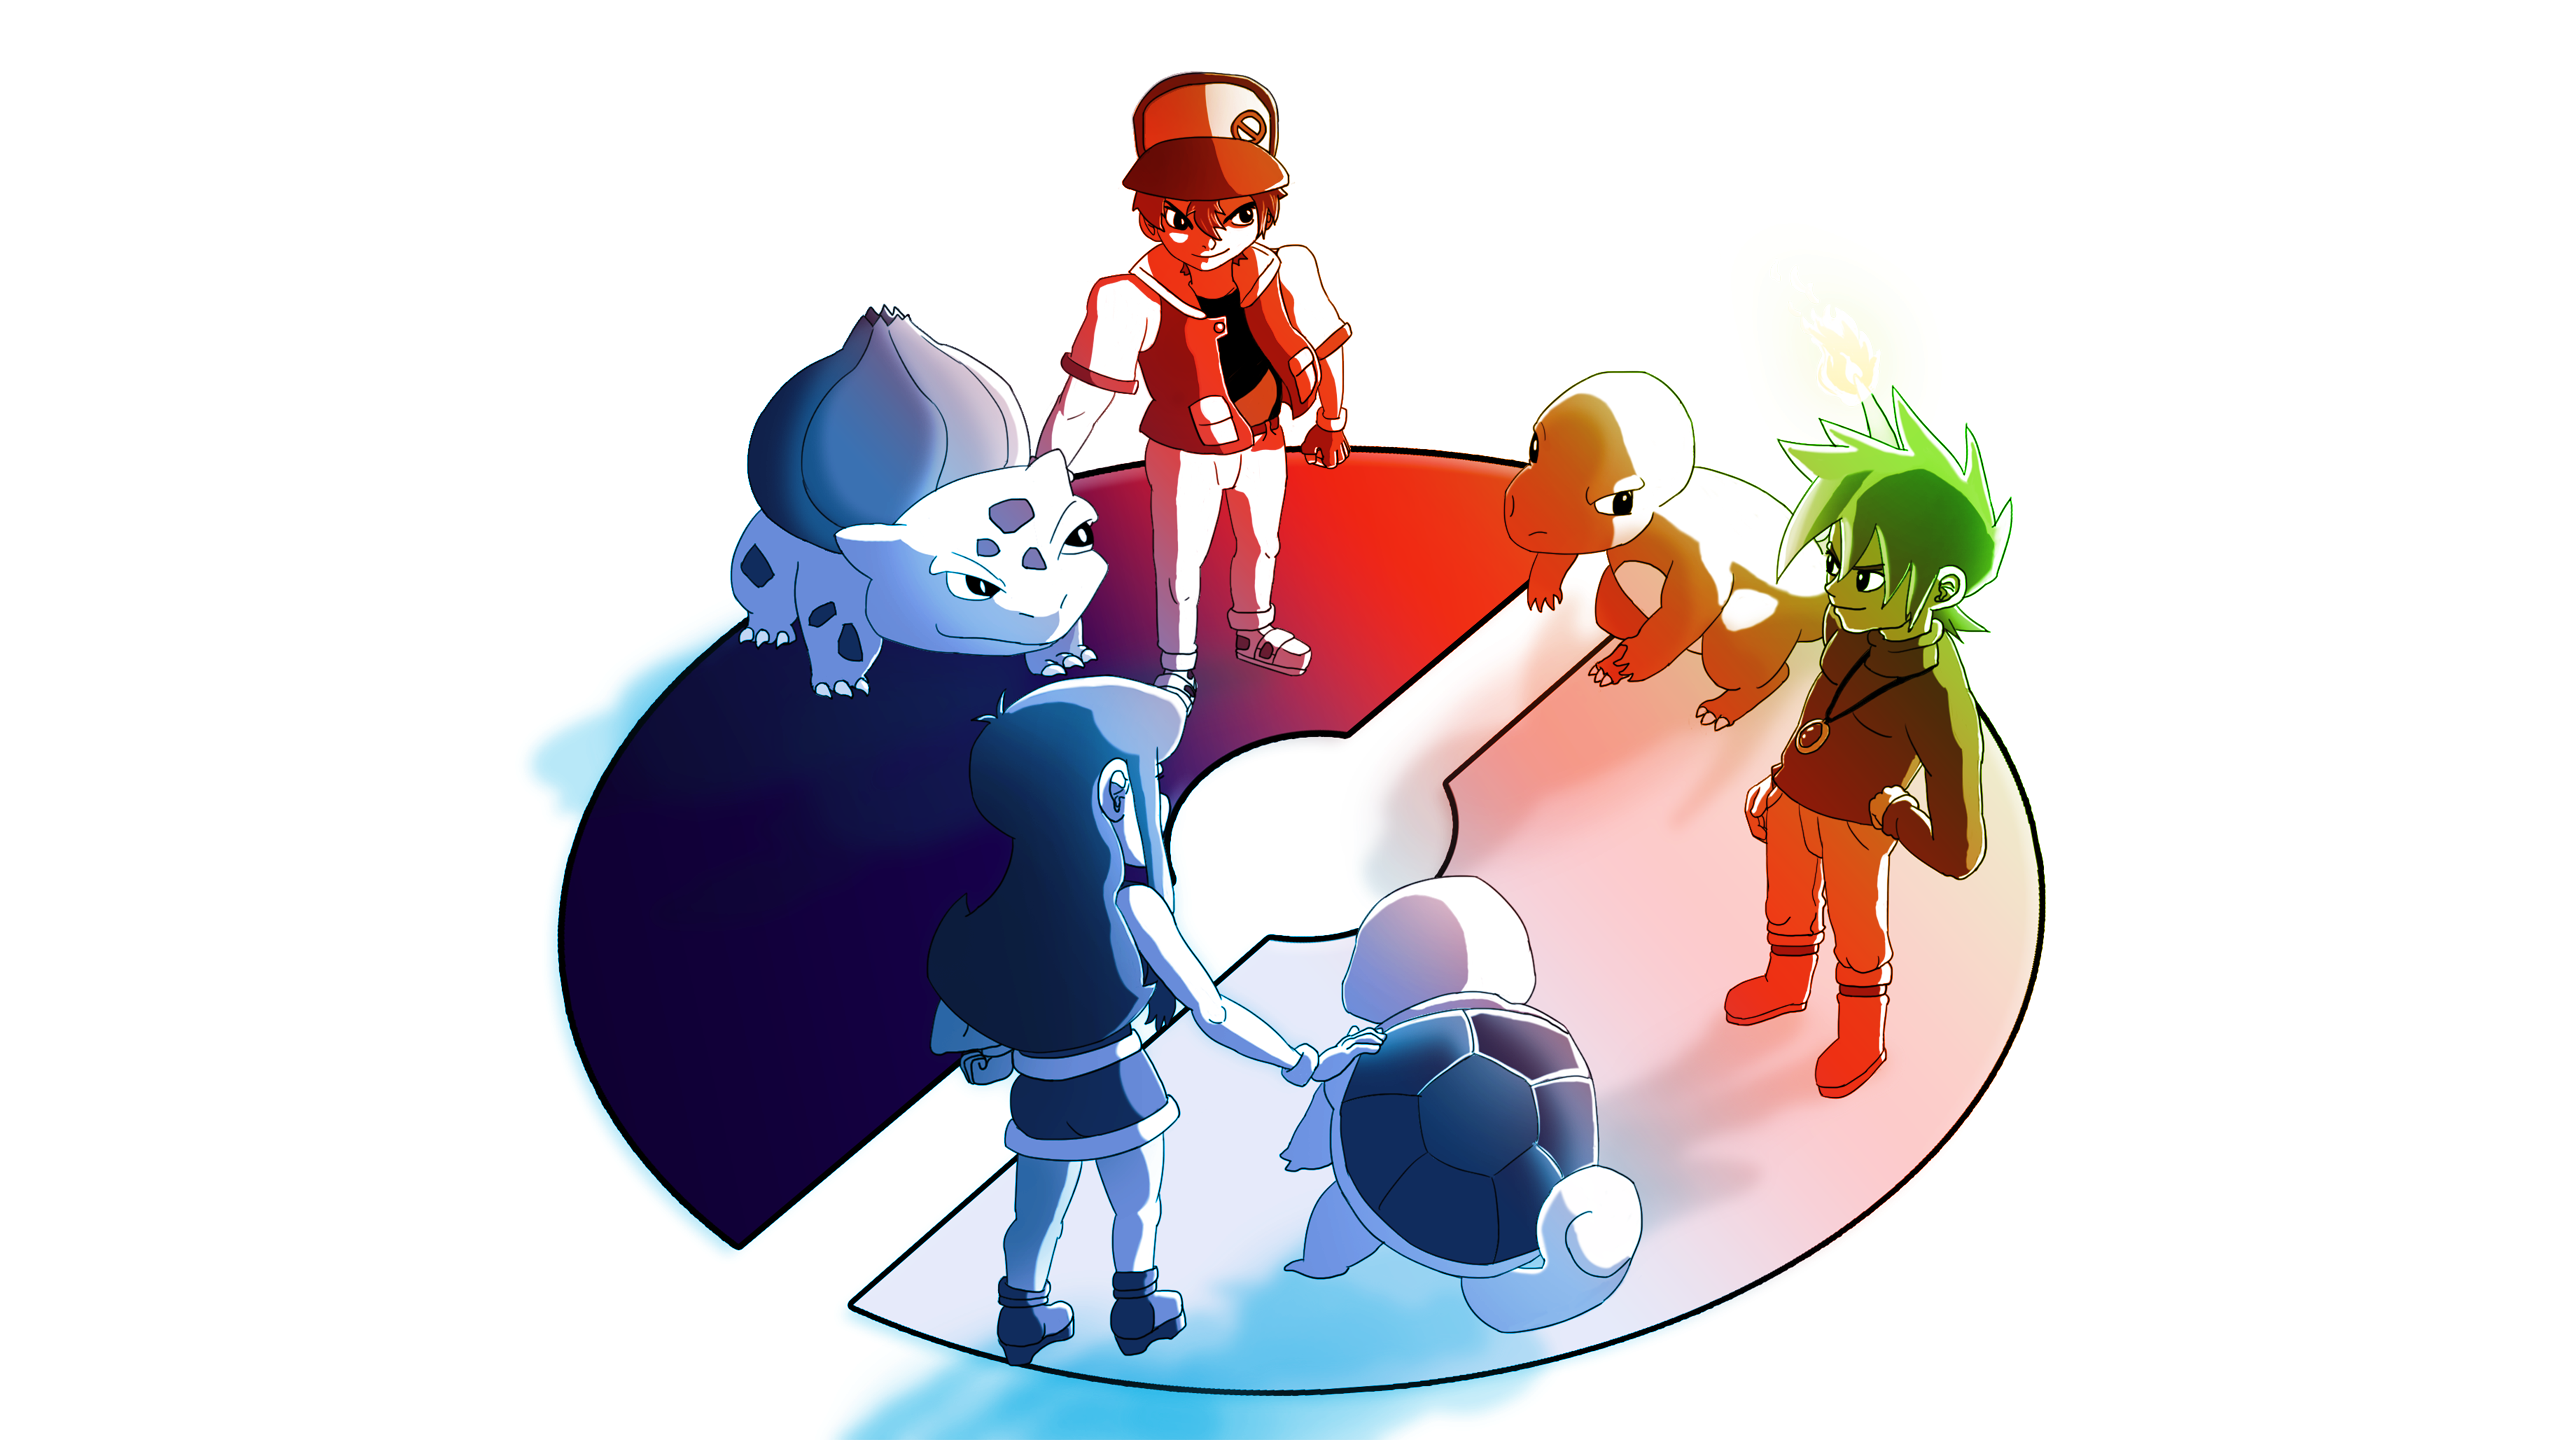 Pokemon Kanto Wallpaper by branden9654 on DeviantArt